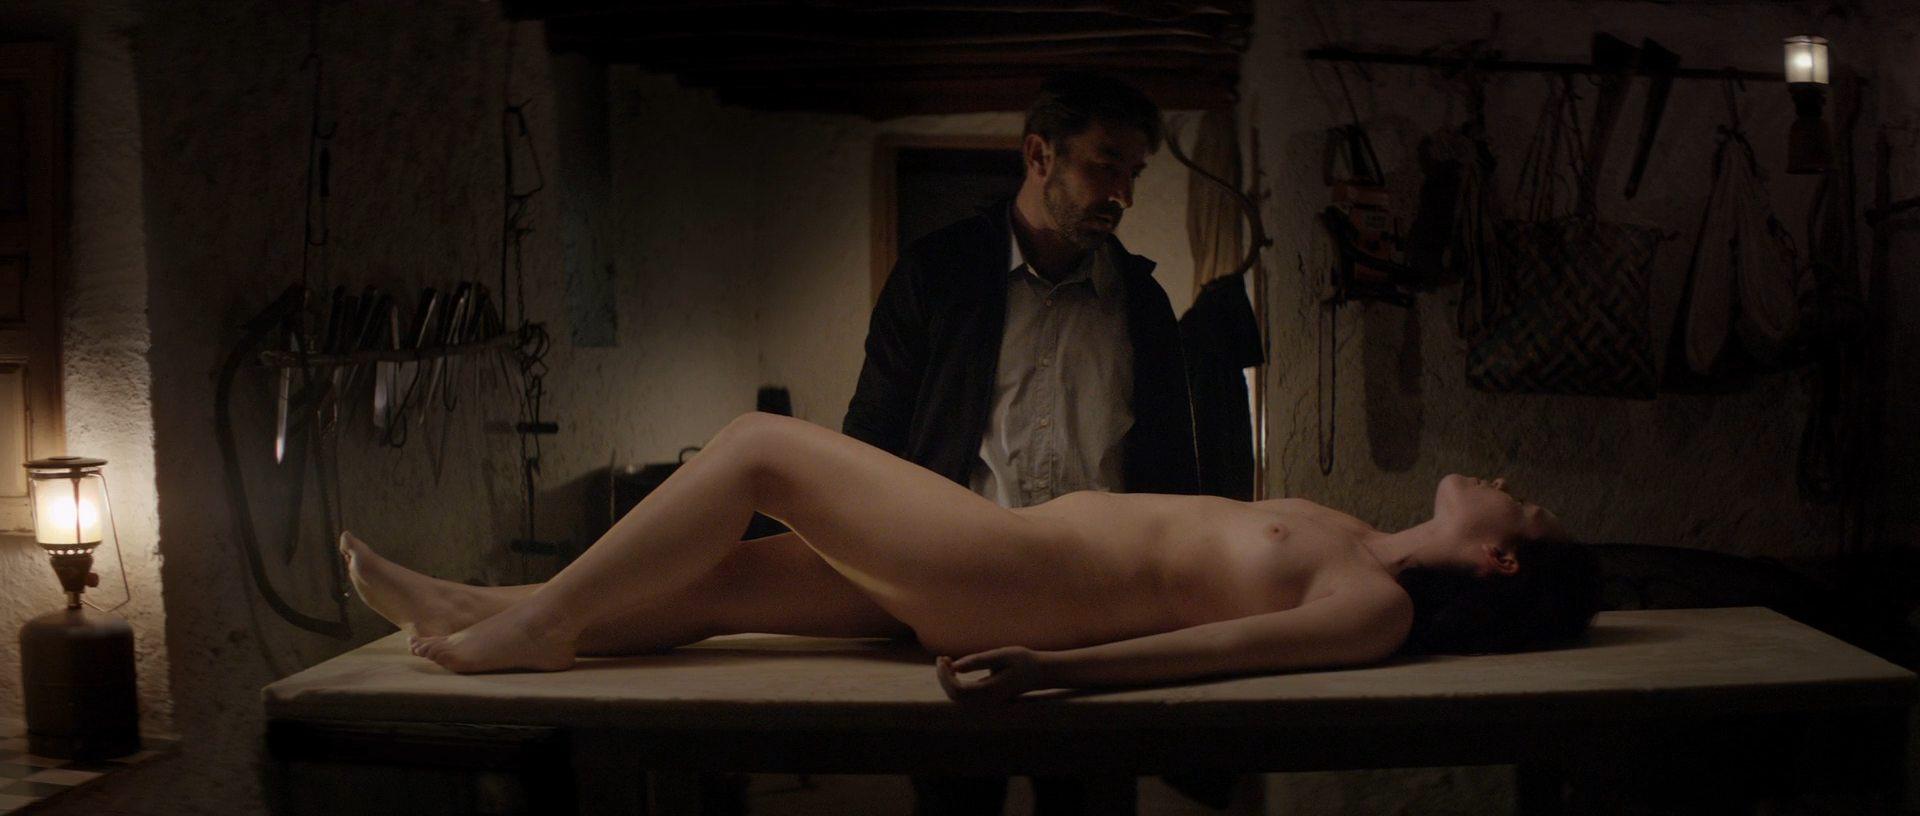 Секс каннибалы фильм - Онлайн порно ролики для подлинных ценителей порно